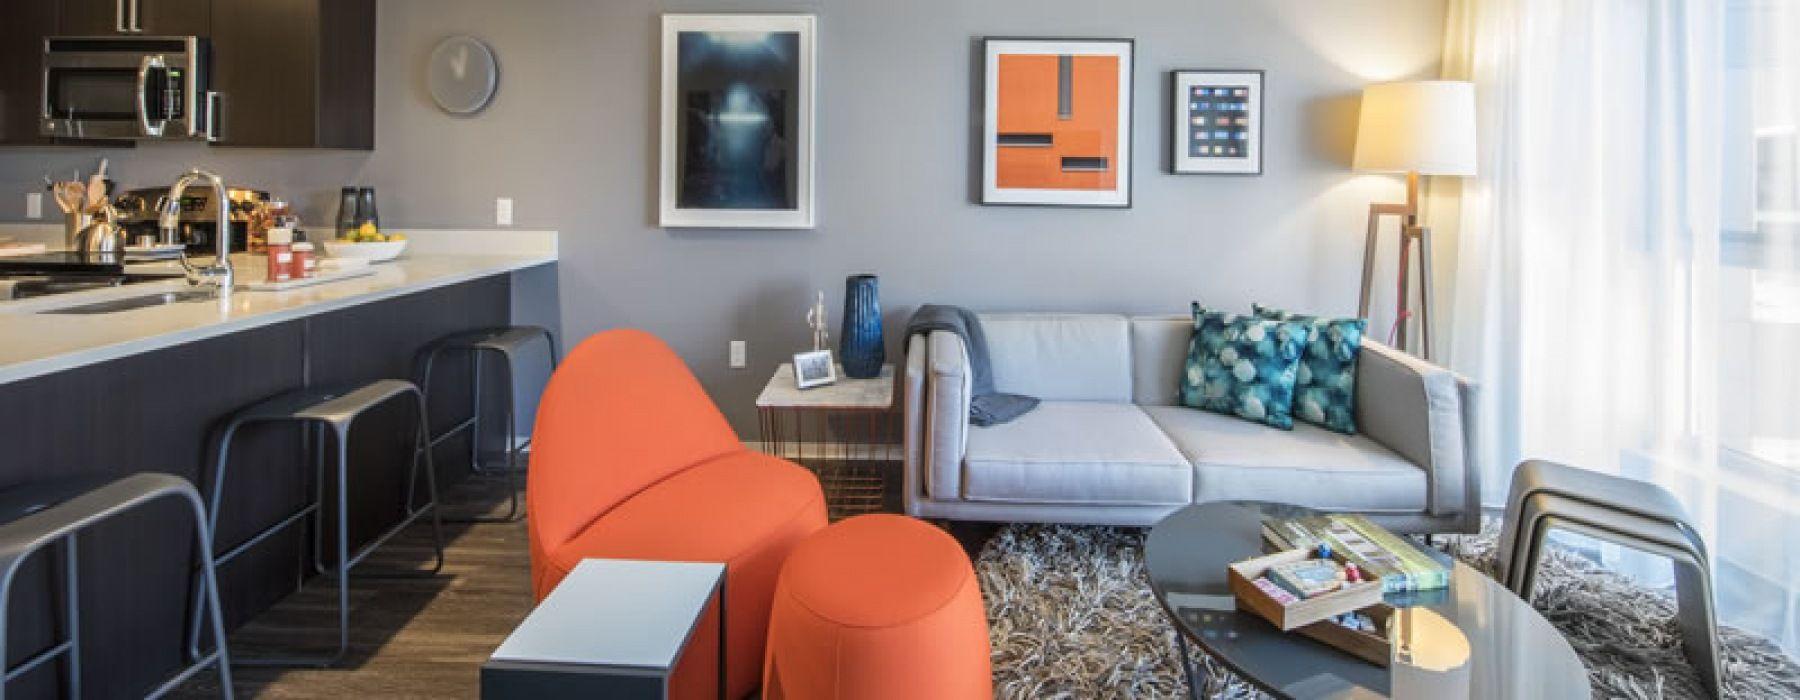 Studio 1 2 Bedroom Apartments For Rent At Zinc Bedroom Apartment 2 Bedroom Apartment Apartments For Rent